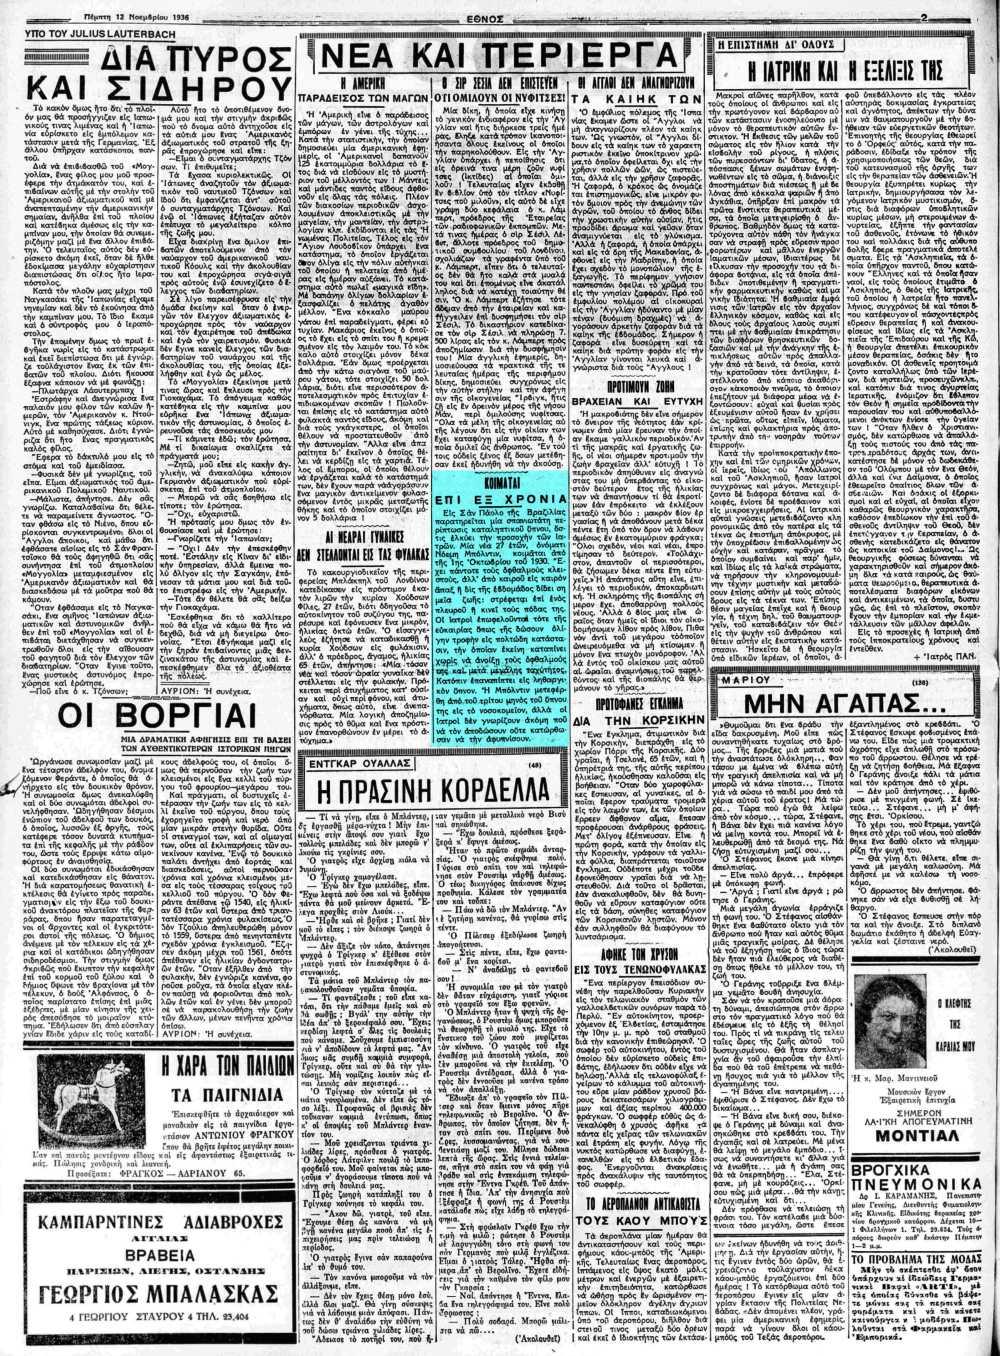 """Το άρθρο, όπως δημοσιεύθηκε στην εφημερίδα """"ΕΘΝΟΣ"""", στις 12/11/1936"""